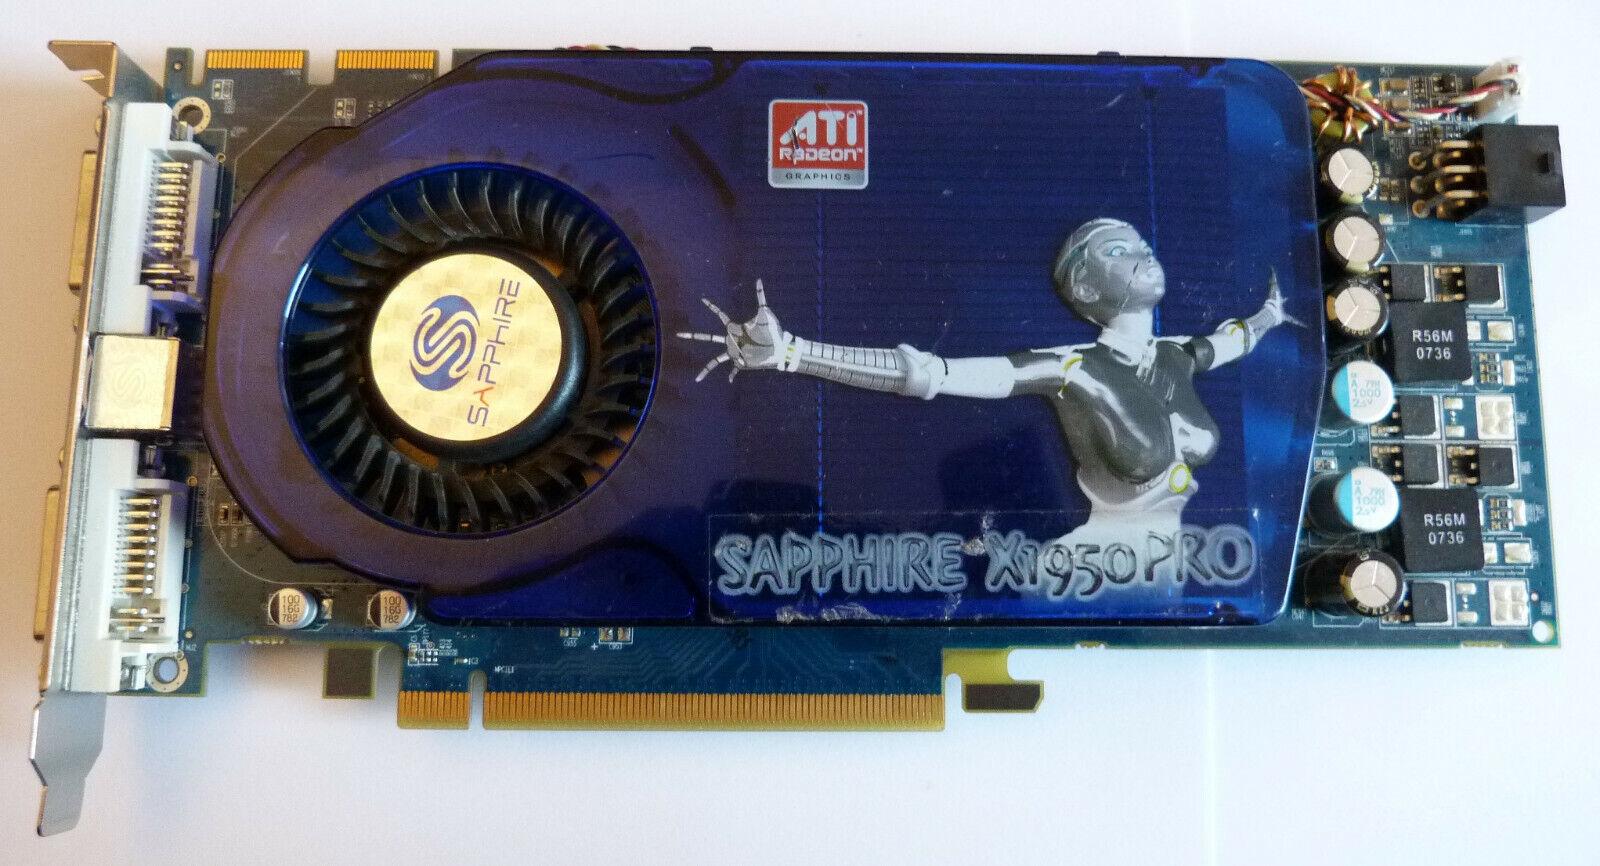 Sapphire ATI Radeon X1950 Pro 512 MB DDR3 PCI-E Grafikkarte B-Ware